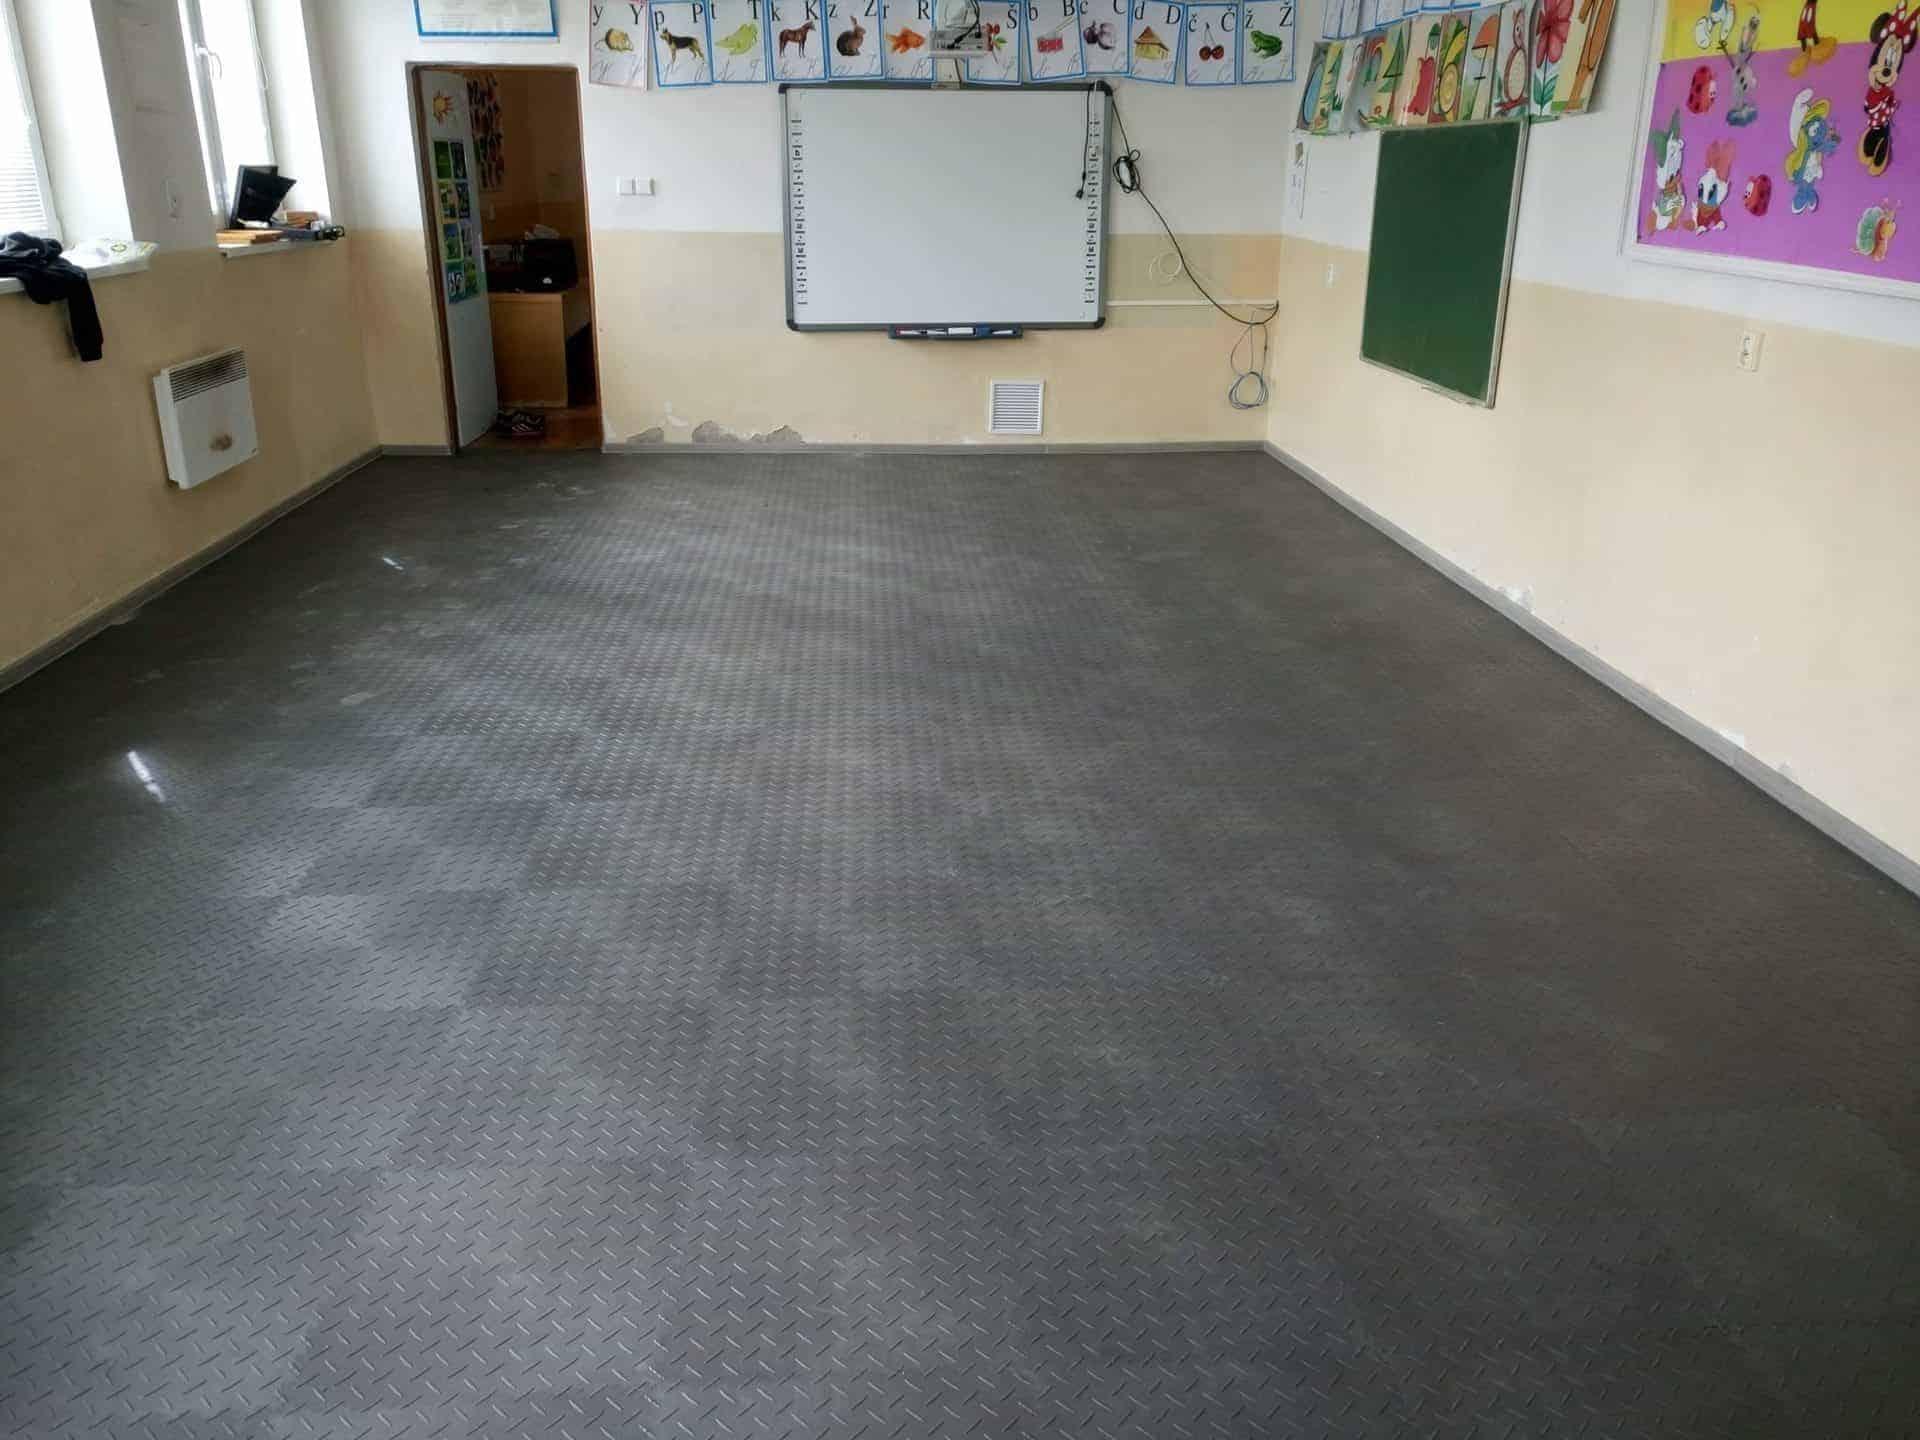 Podlaha do základní školy, Slovensko